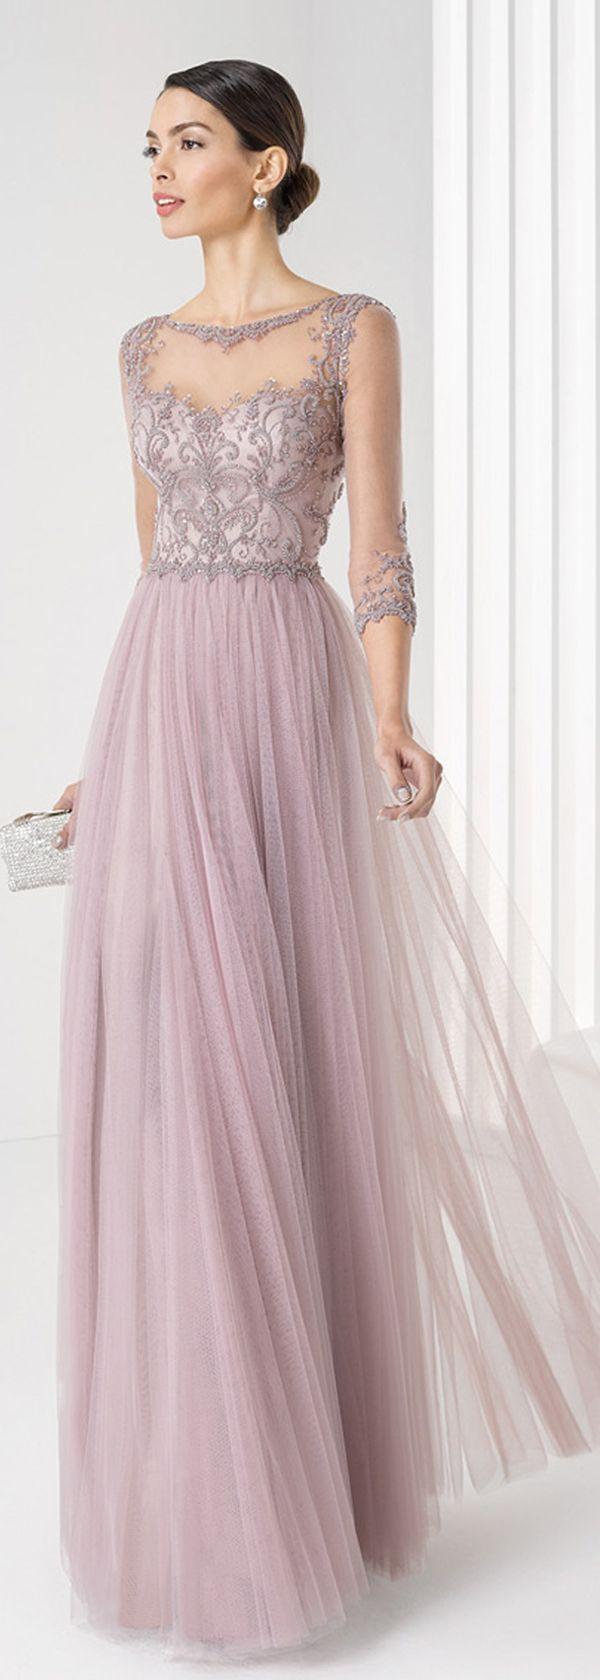 Best 20+ Evening dresses ideas on Pinterest | Evening gowns, Long ...